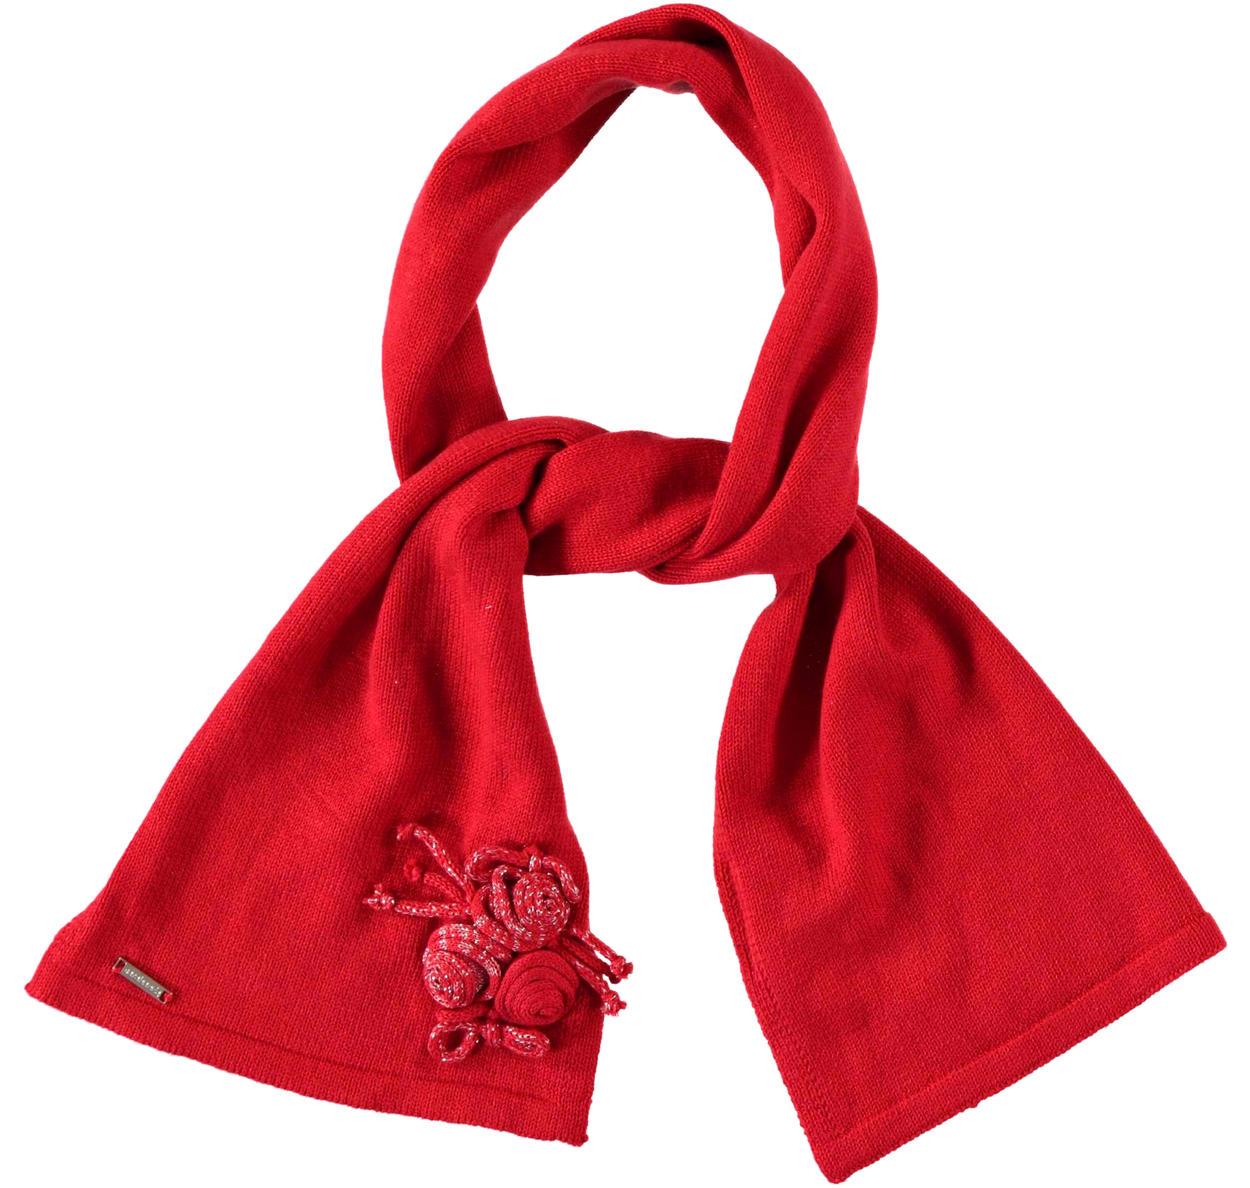 Stilosissima sciarpa con roselline lurex per bambina da 6 mesi a 7 anni  Sarabanda 227fd8e9ae3f